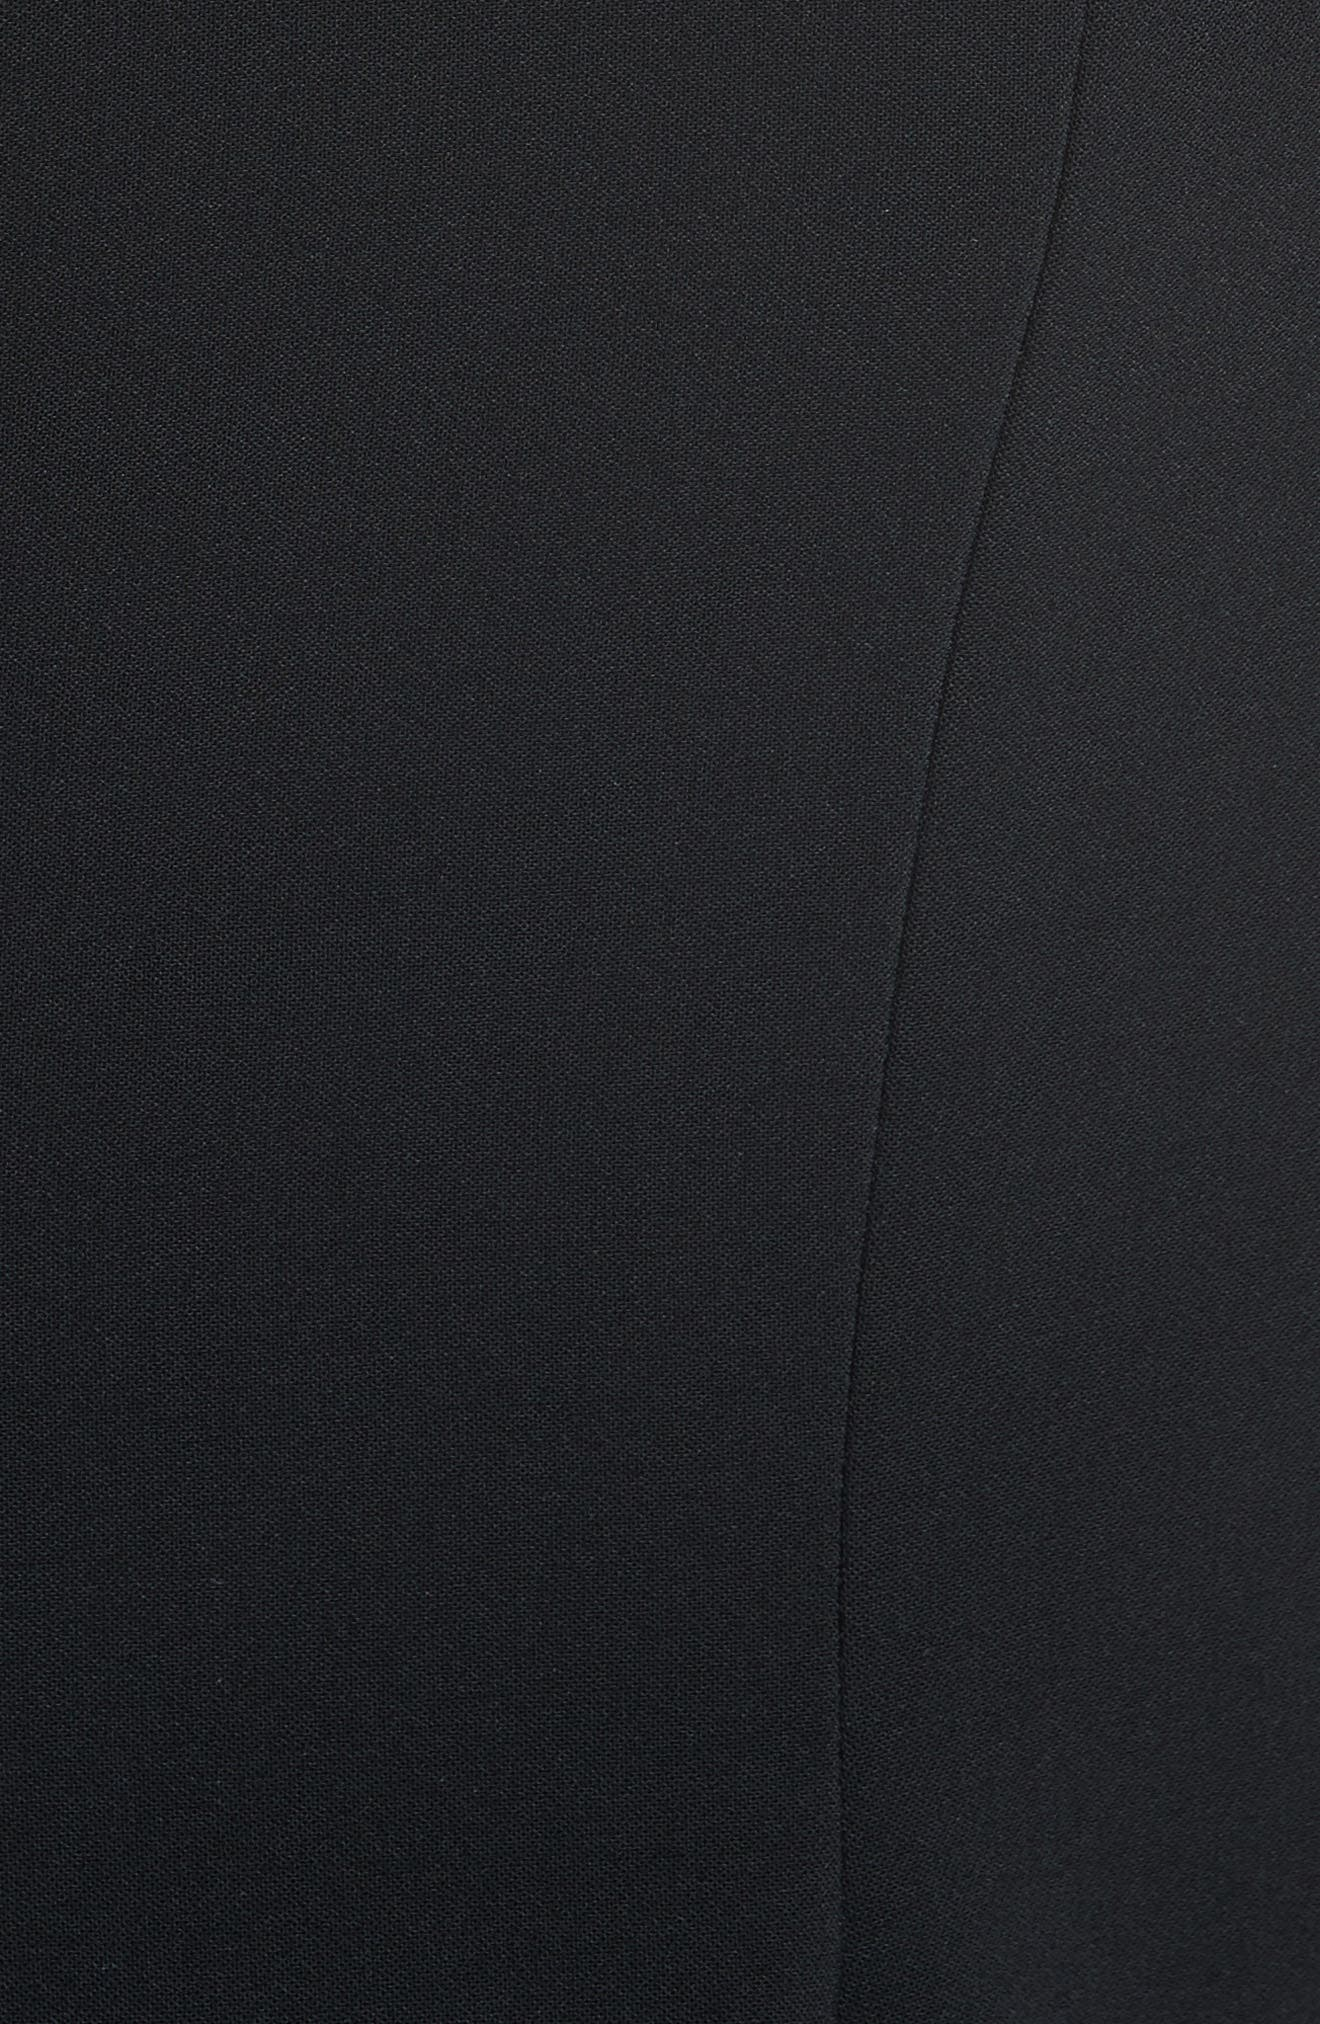 Embellished Fit & Flare Dress,                             Alternate thumbnail 3, color,                             Black